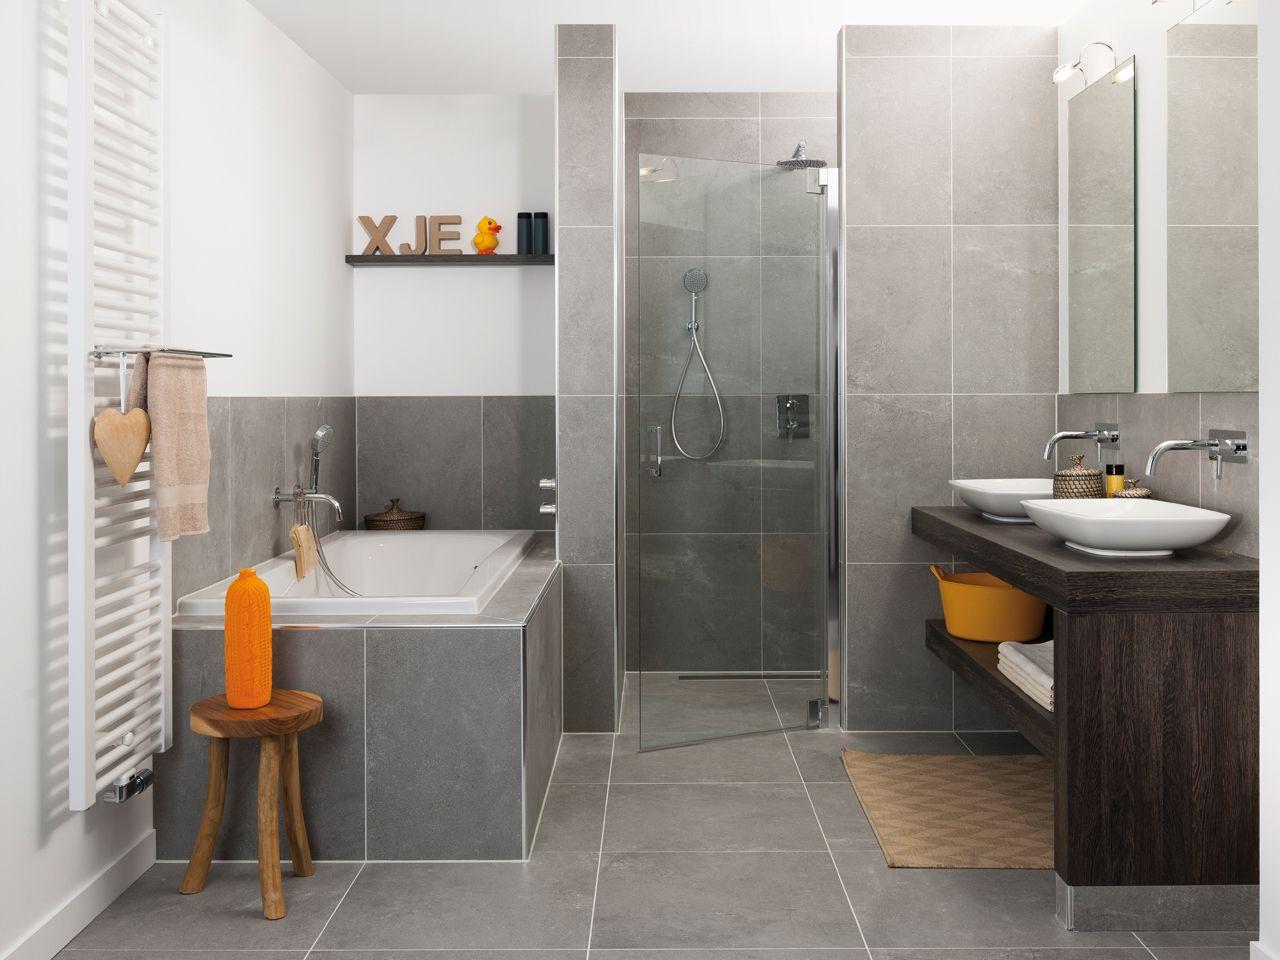 Tegel Badkamer Ideeen : Badkamer ideeen căutare google ideas for the house bathroom